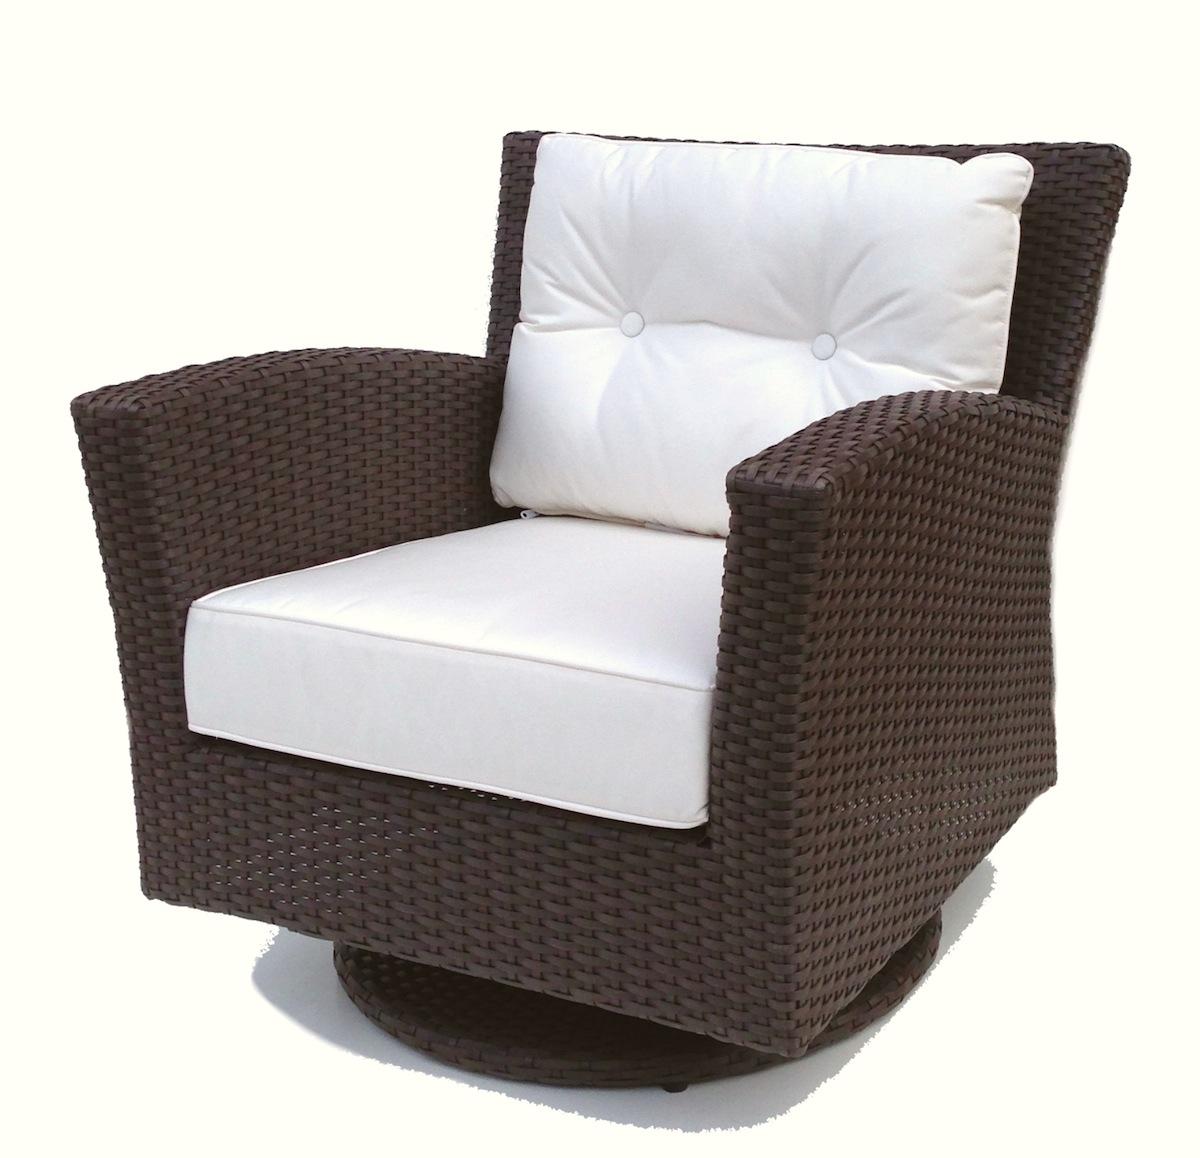 wicker chairs outdoor wicker swivel rocker chair - sonoma KKVSFBV